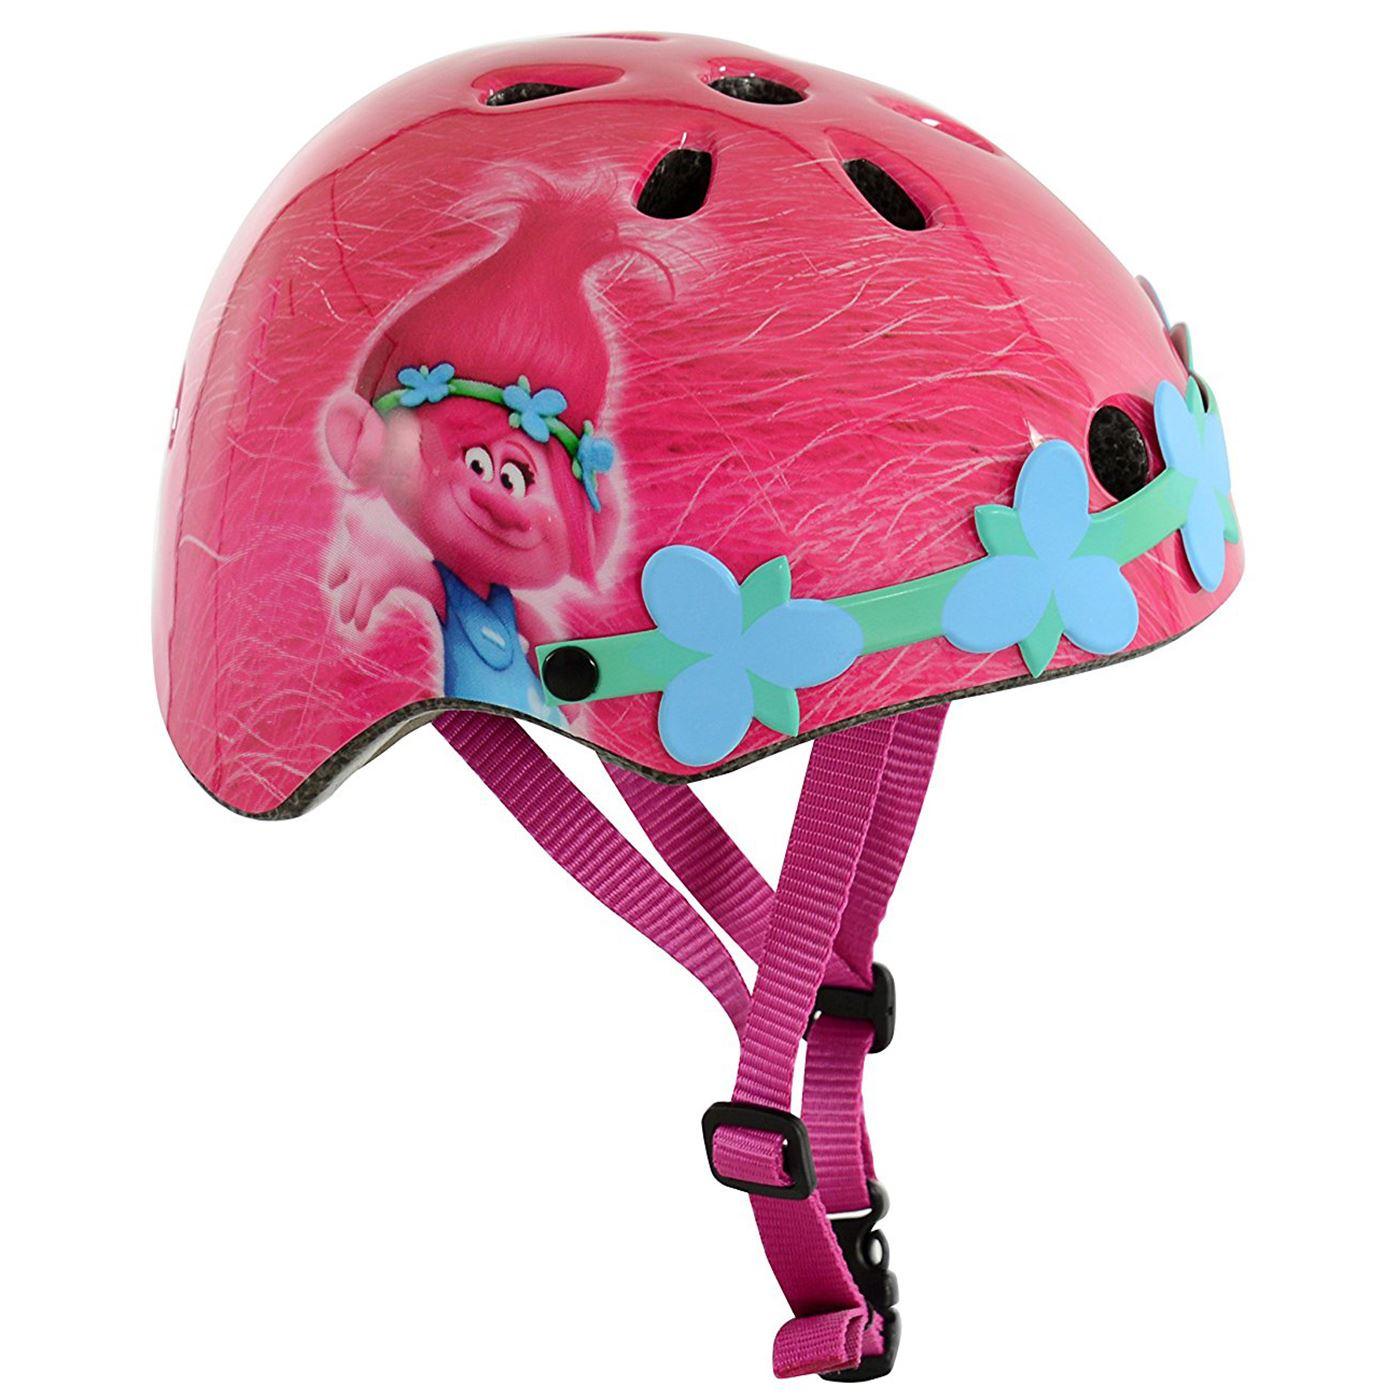 Kinder-Disney-Charakter-Sicherheit-Zyklus-Fahrrad-Helme-Peppa-Pig-PJ-Masken-amp-mehr Indexbild 29